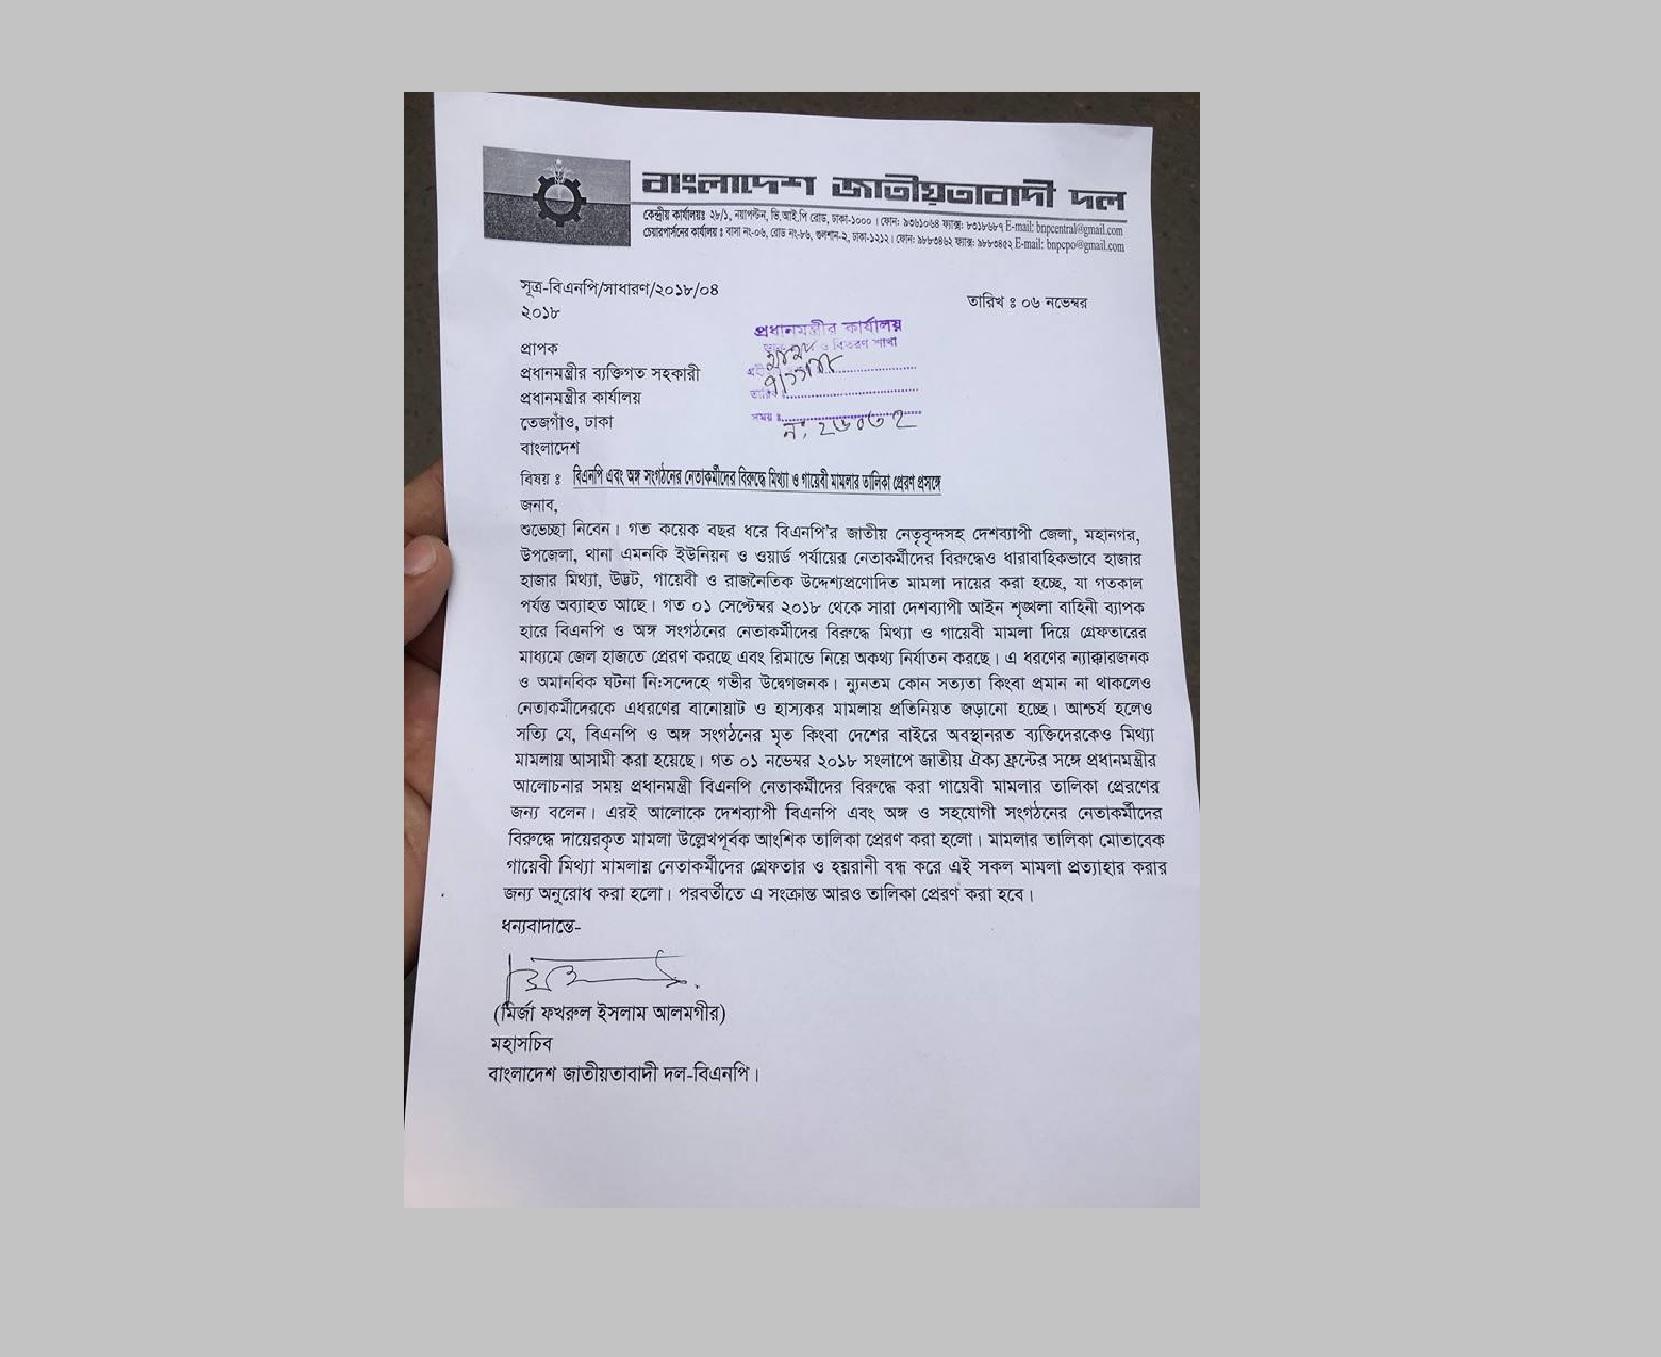 বিএনপির গায়েবি মামলার তালিকা প্রধানমন্ত্রীর কার্যালয়ে